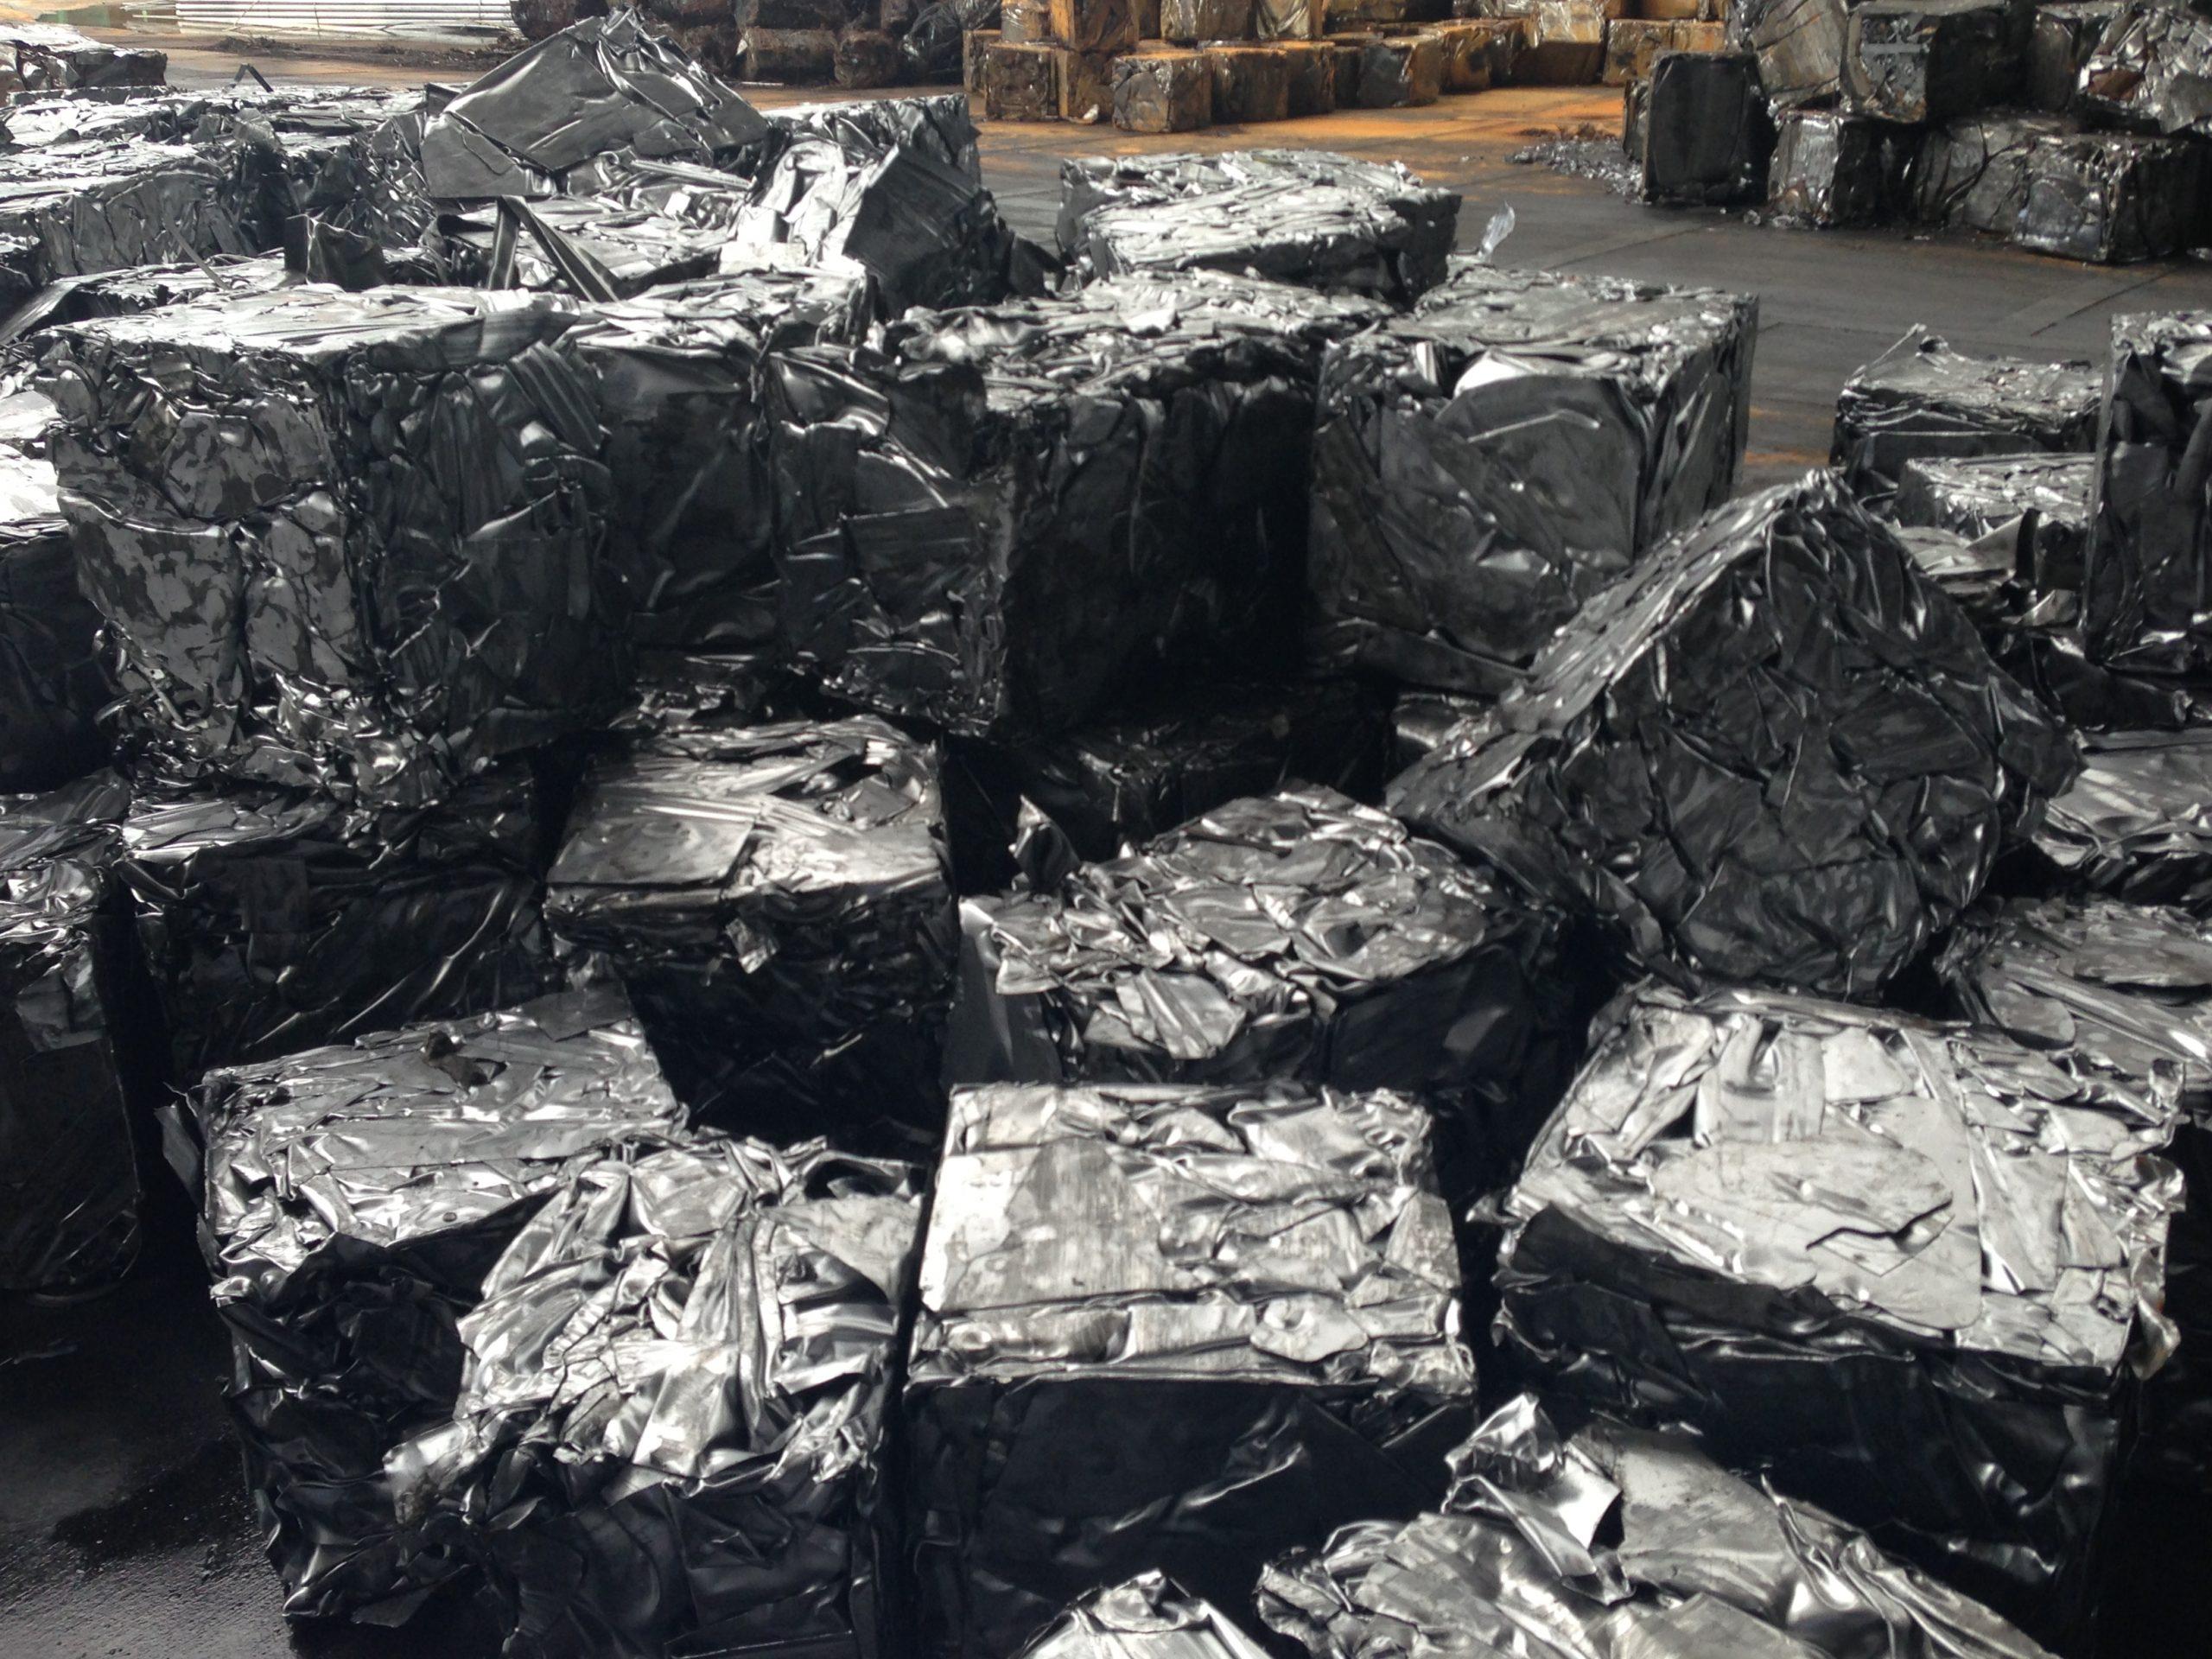 Công ty chuyên thu mua phế liệu thiếc bạc giá cao nhất thị trường - Phelieuquangdat